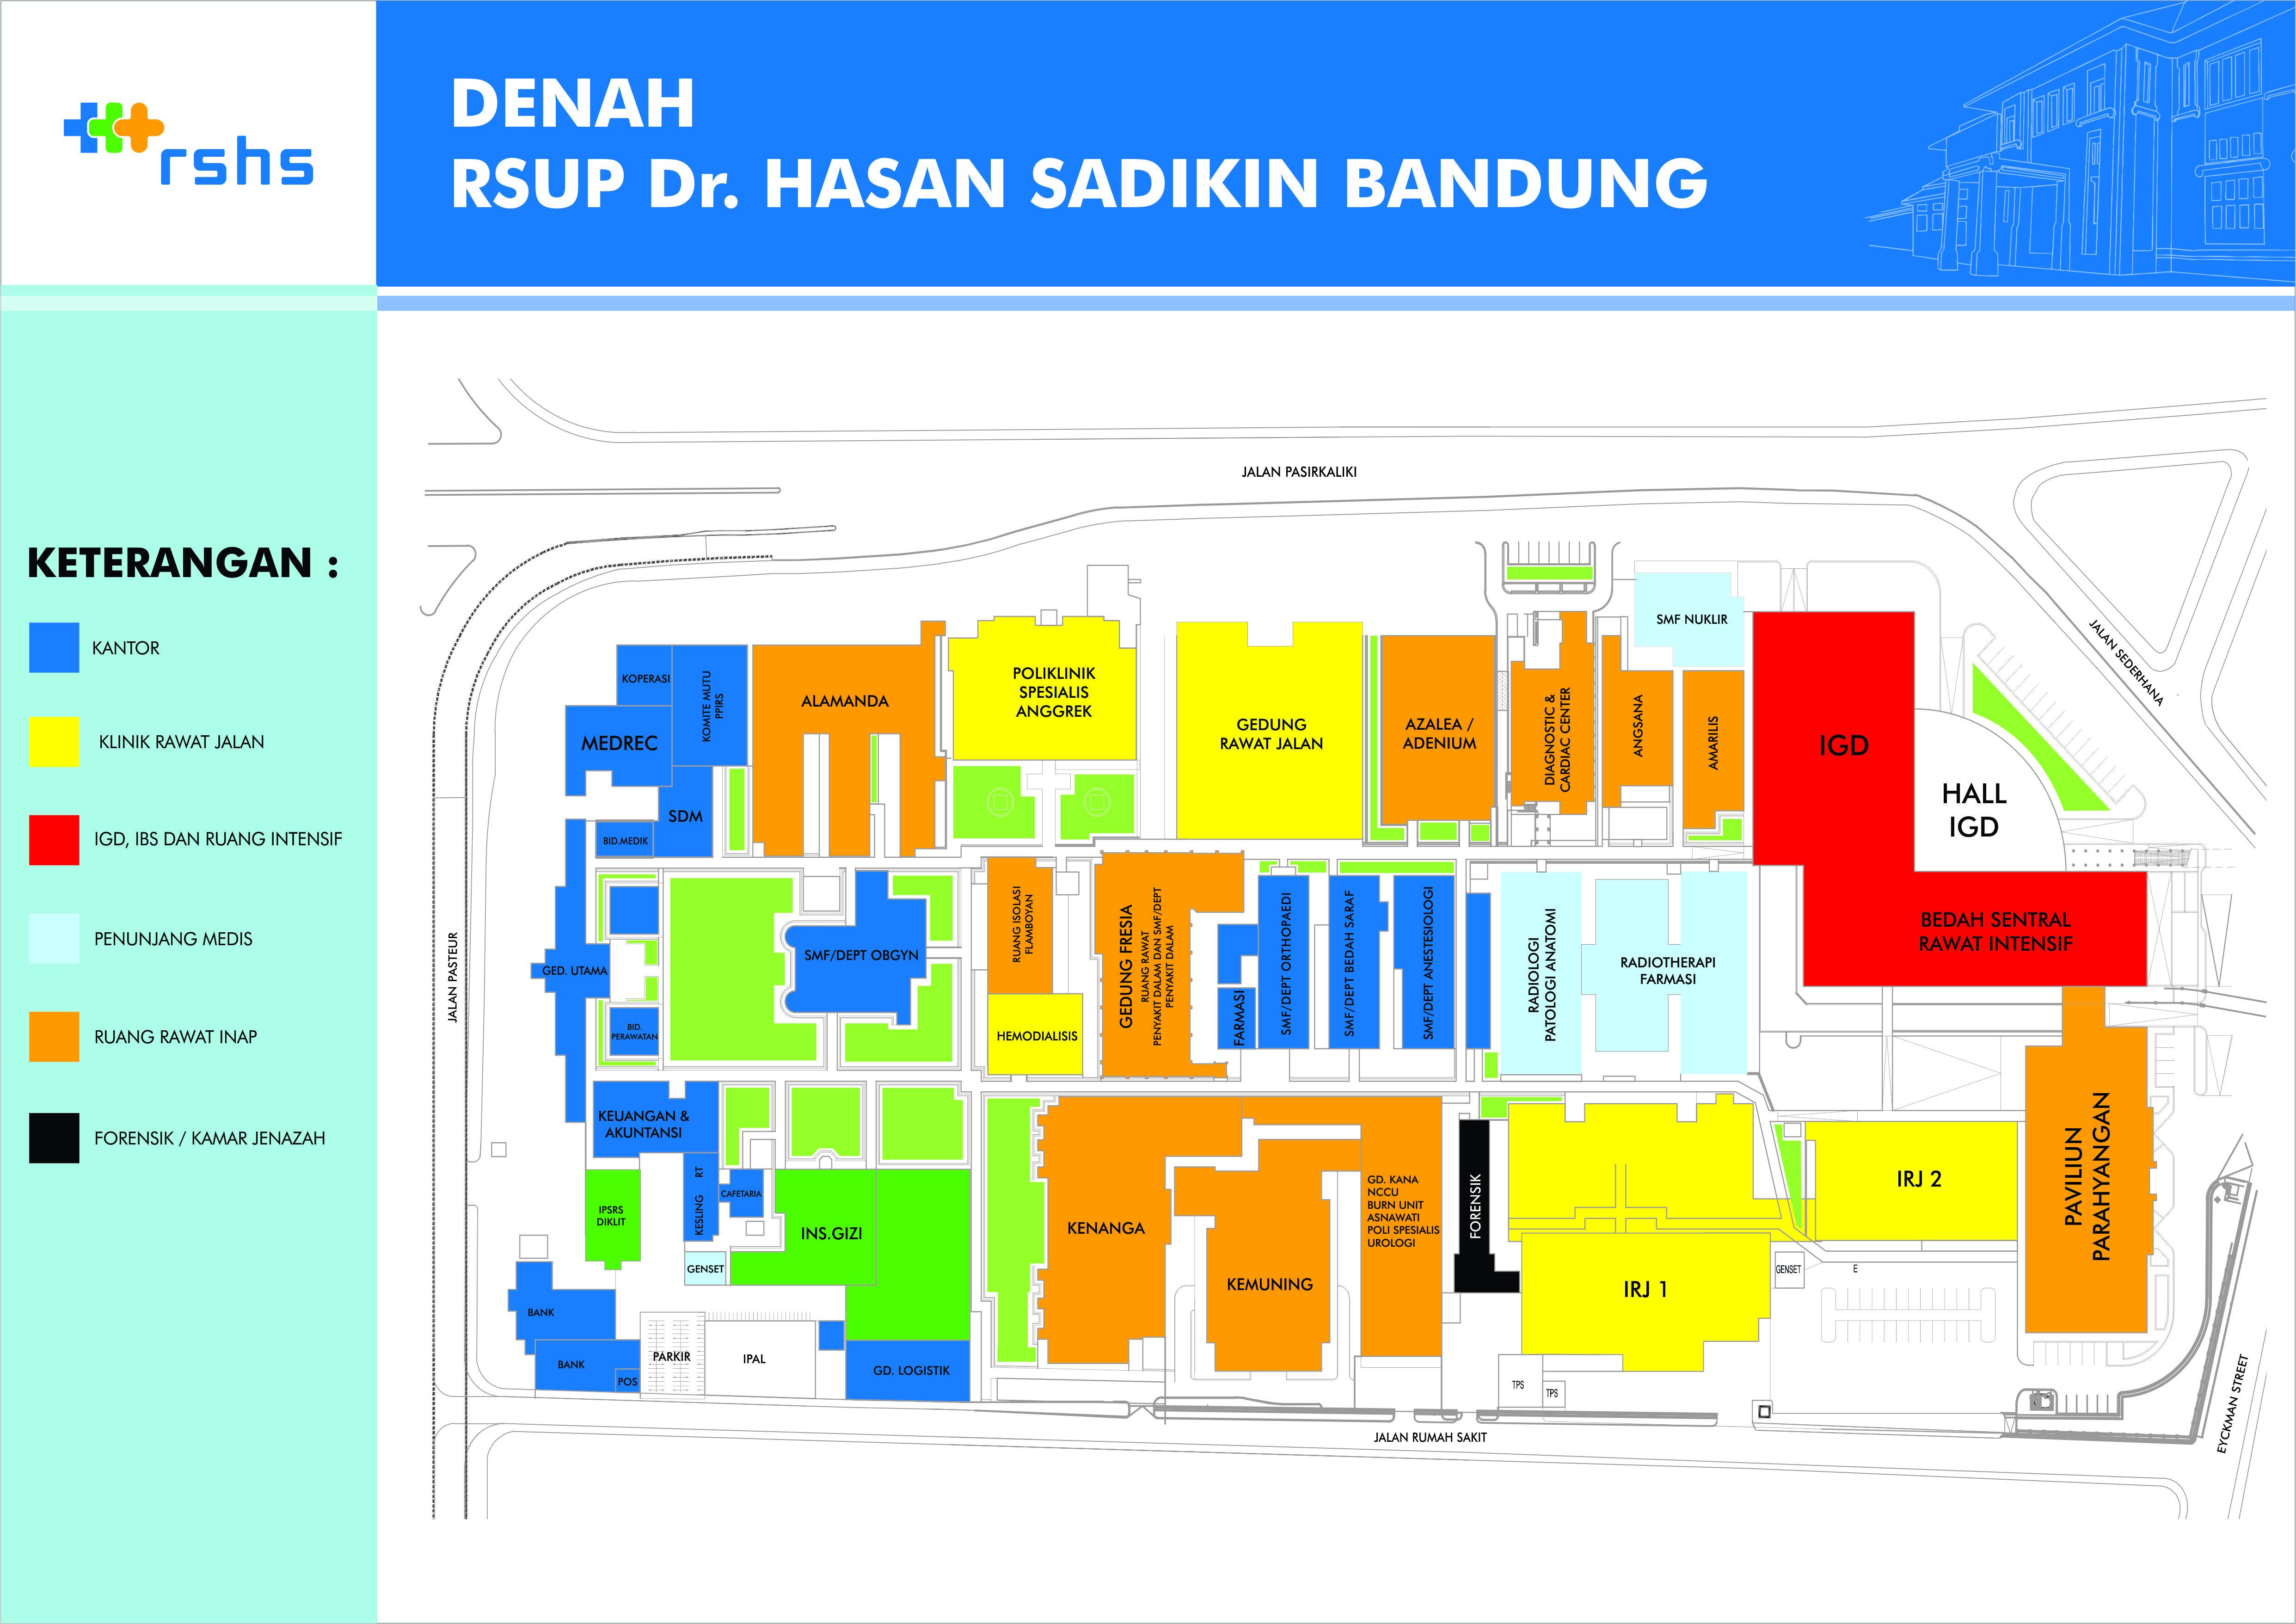 Lokasi Rumah Sakit Dokter Hasan Sadikin Bandung